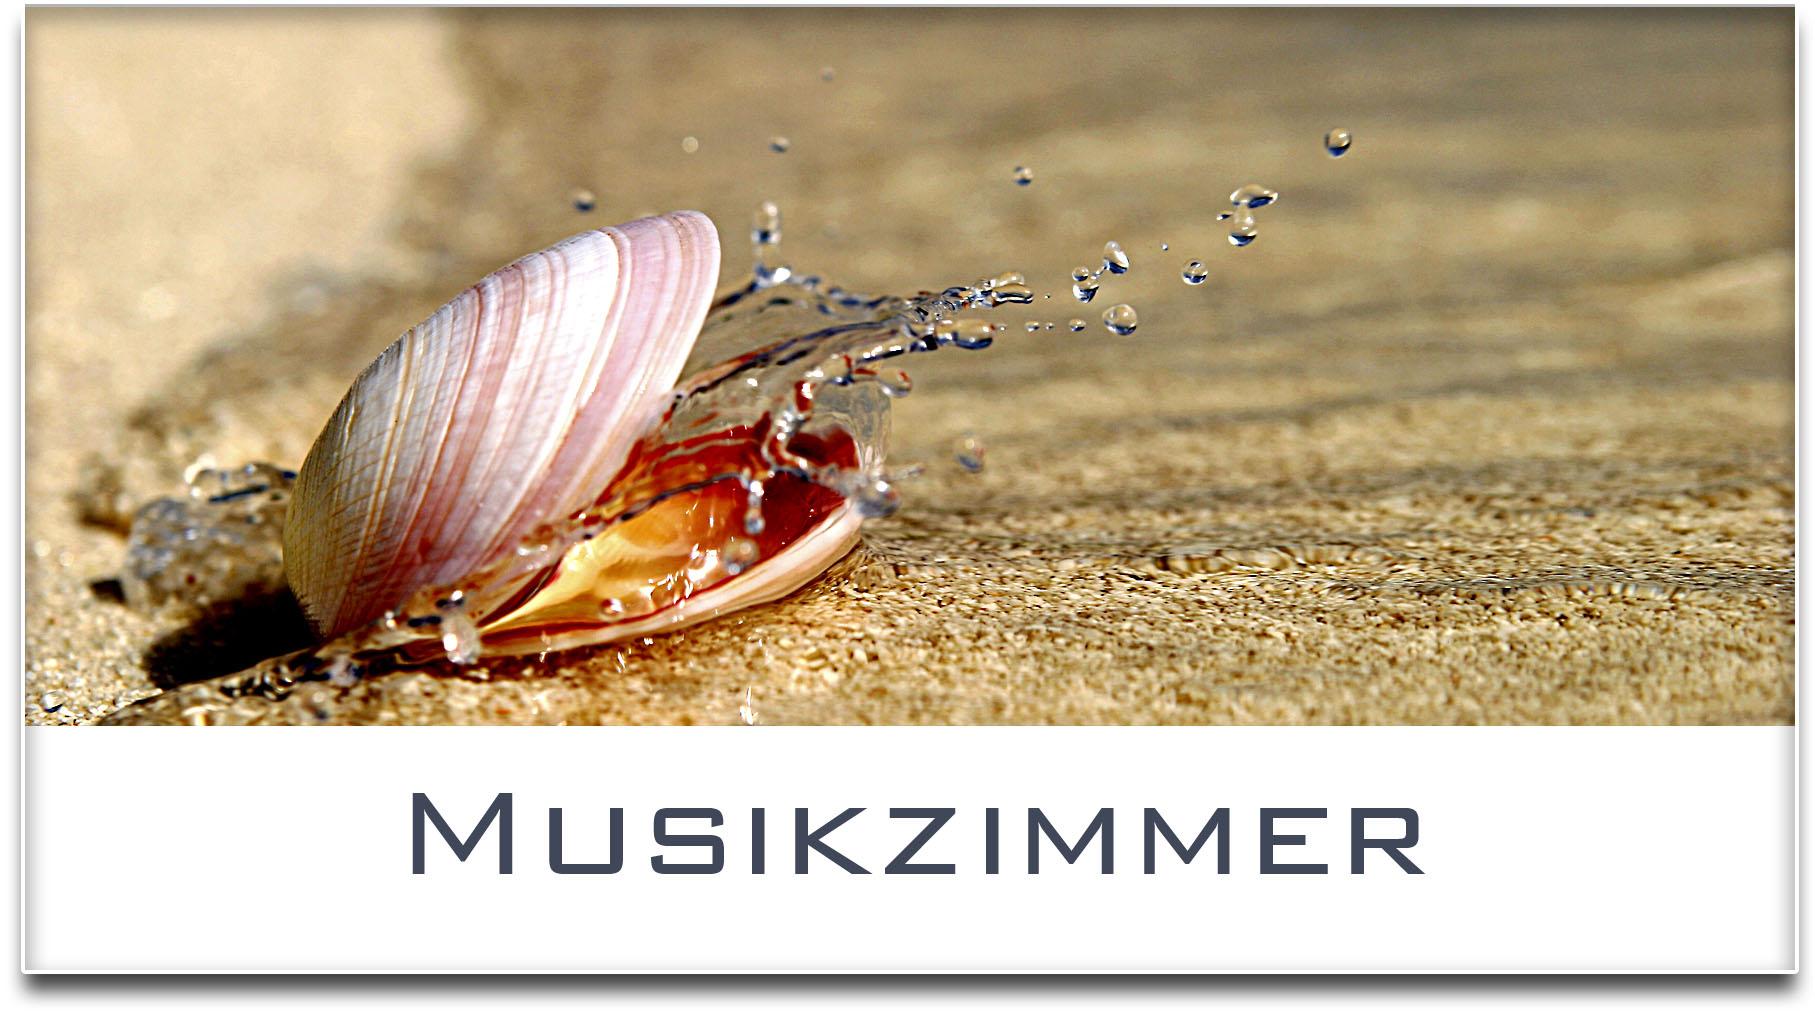 Türschild / Haustürschild / Muschel / Musikzimmer / Selbstklebend